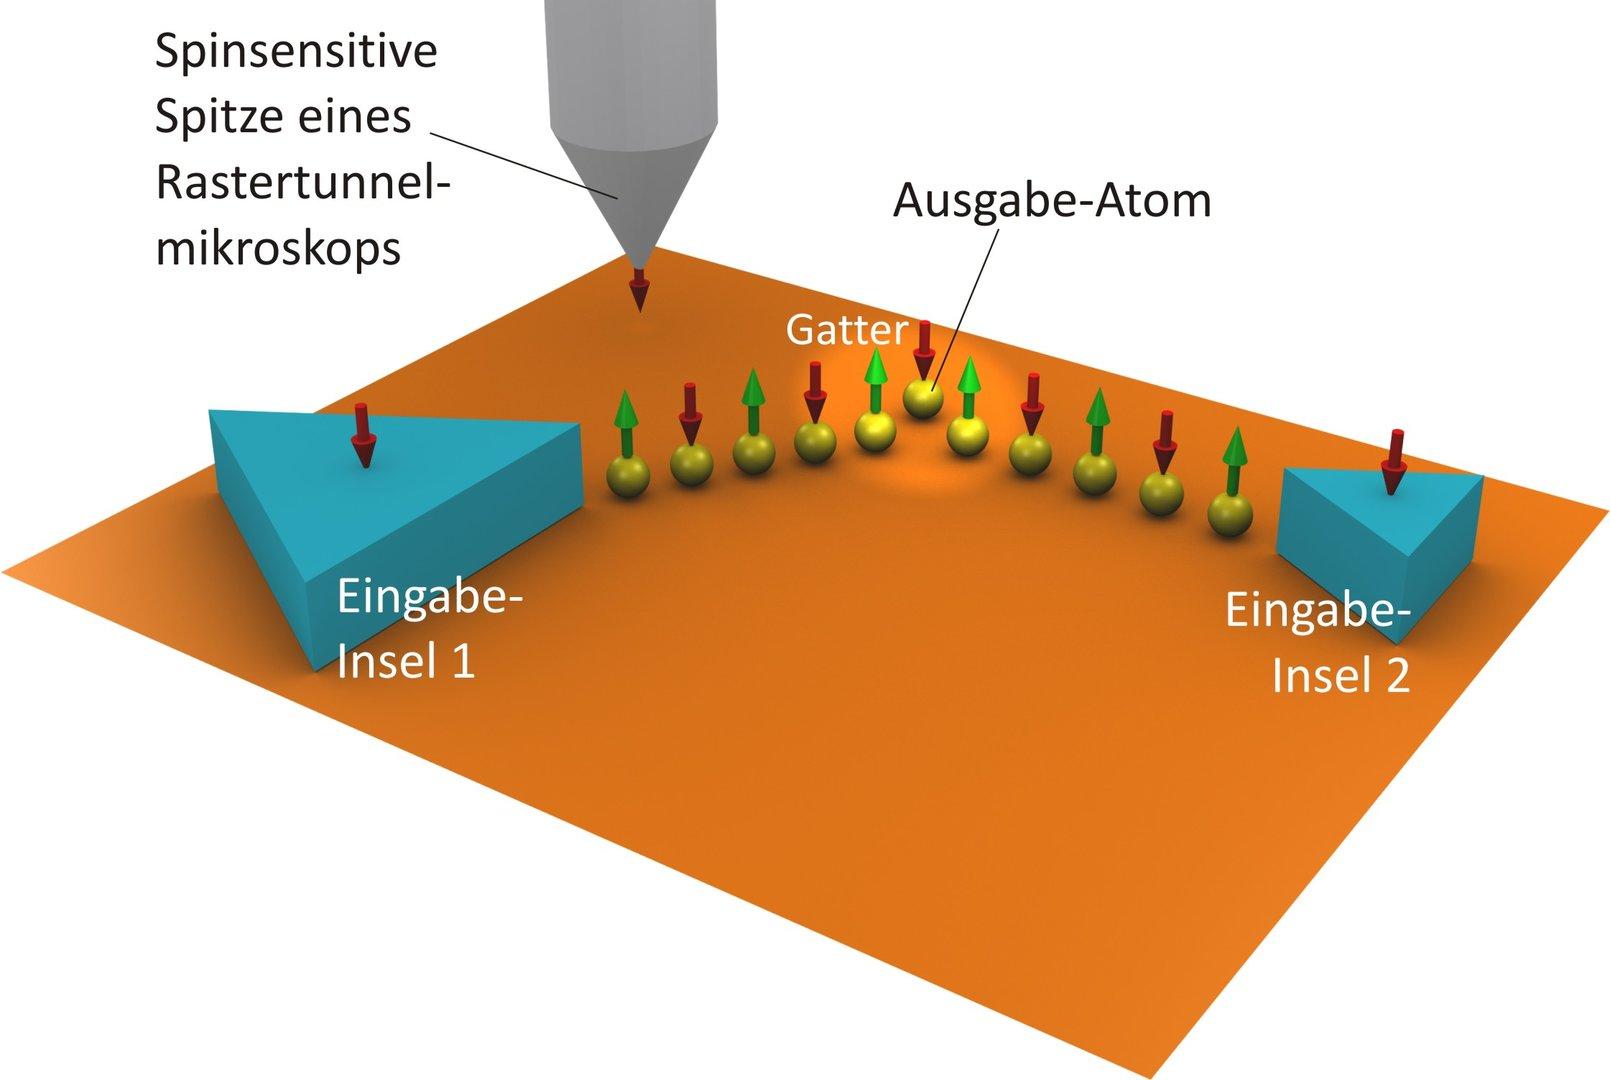 Die roten und grünen Pfeile zeigen die magnetische Ausrichtung der Eisenatome an. Die Größe des eigentlichen logischen Gatters aus drei Eisen-Atomen beträgt ca. 3 Nanometer.